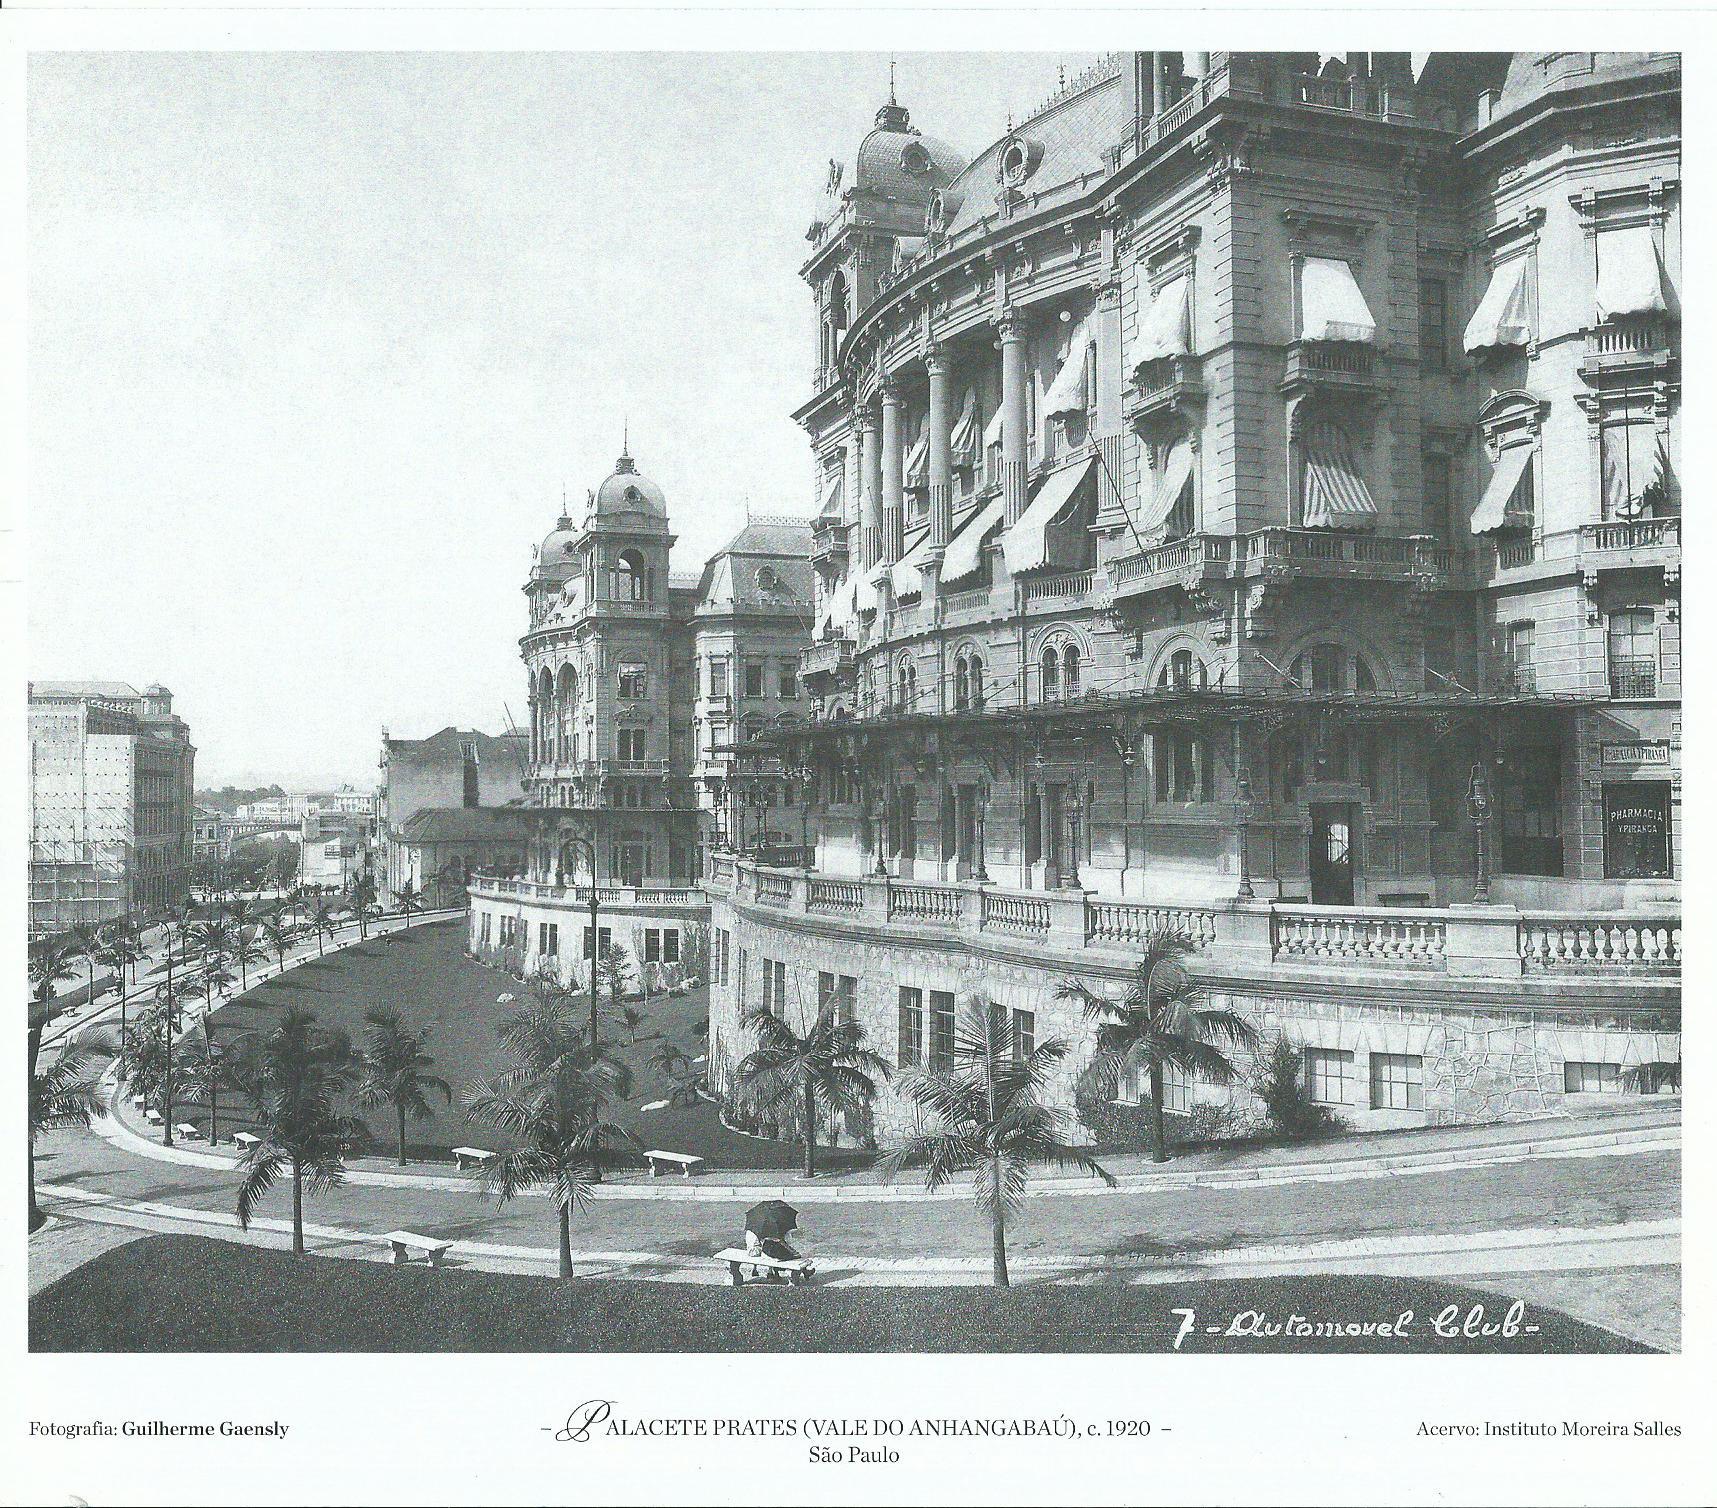 palacete-prates-no-anhangabau-em-1920-guilherme-gaensly